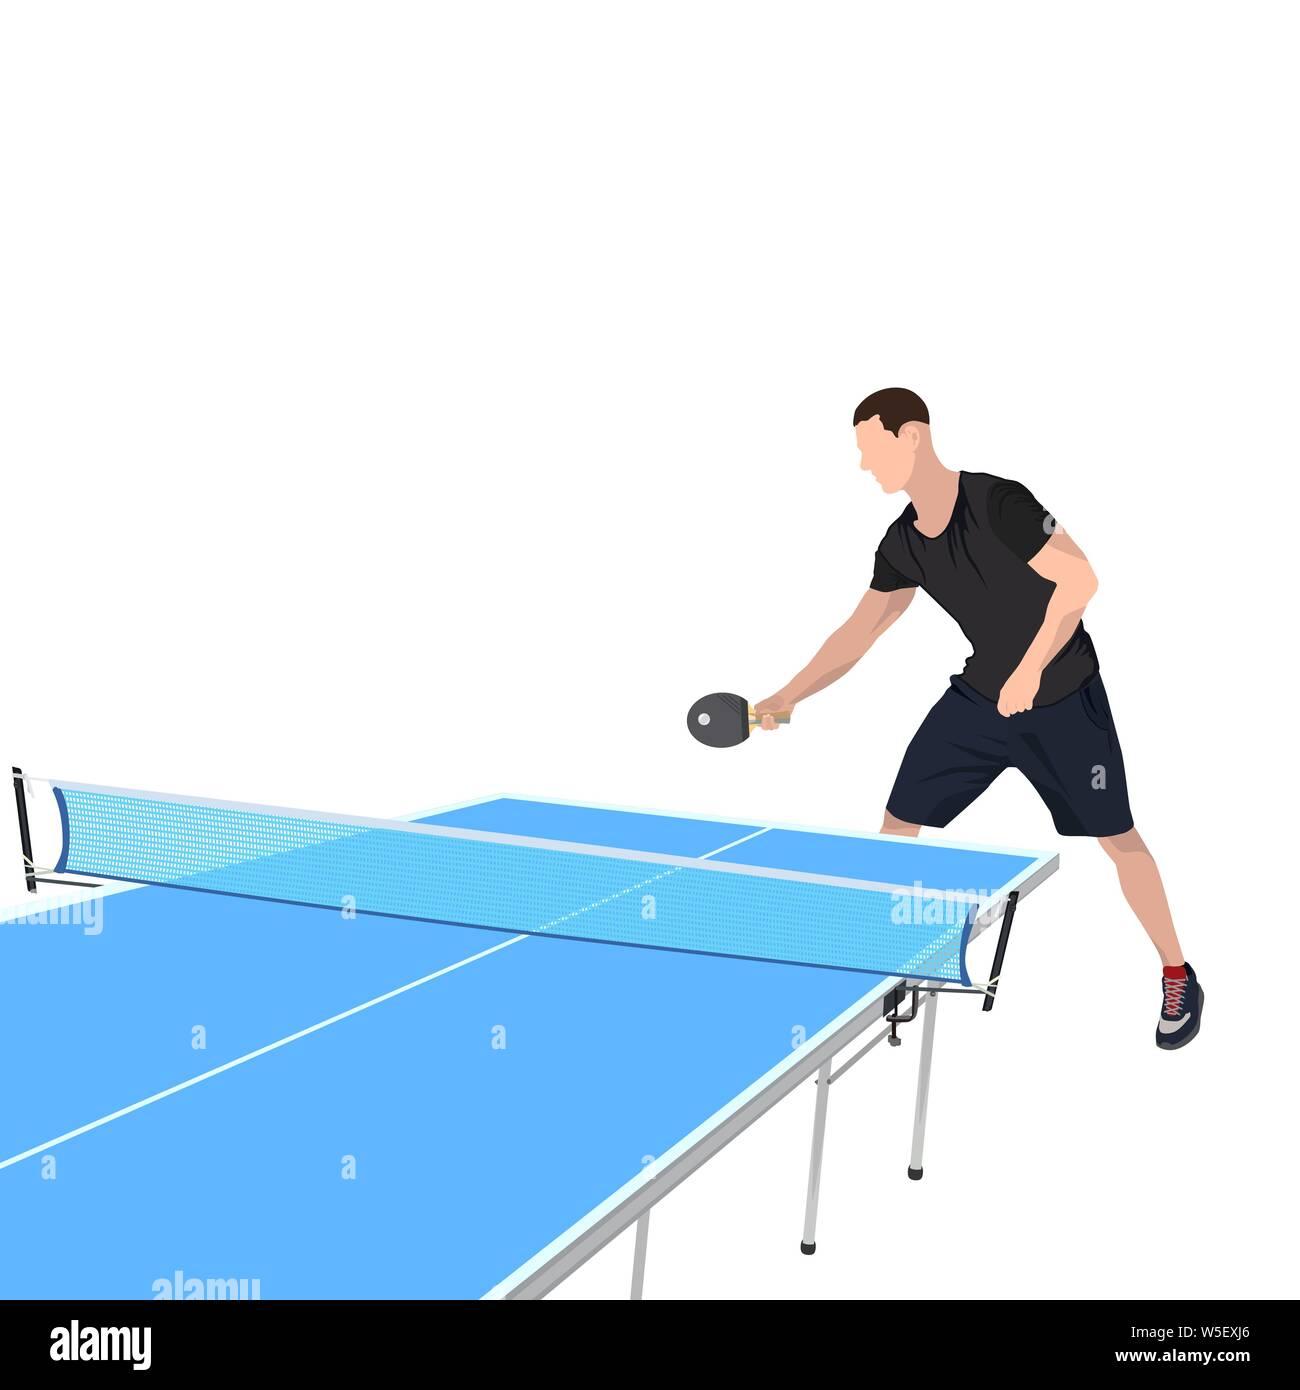 Joueur de tennis de table avec racket, ball et tableau bleu pour jeu de ping-pong, vector illustration isolé sur fond blanc. Jeune homme de la table de dix Illustration de Vecteur